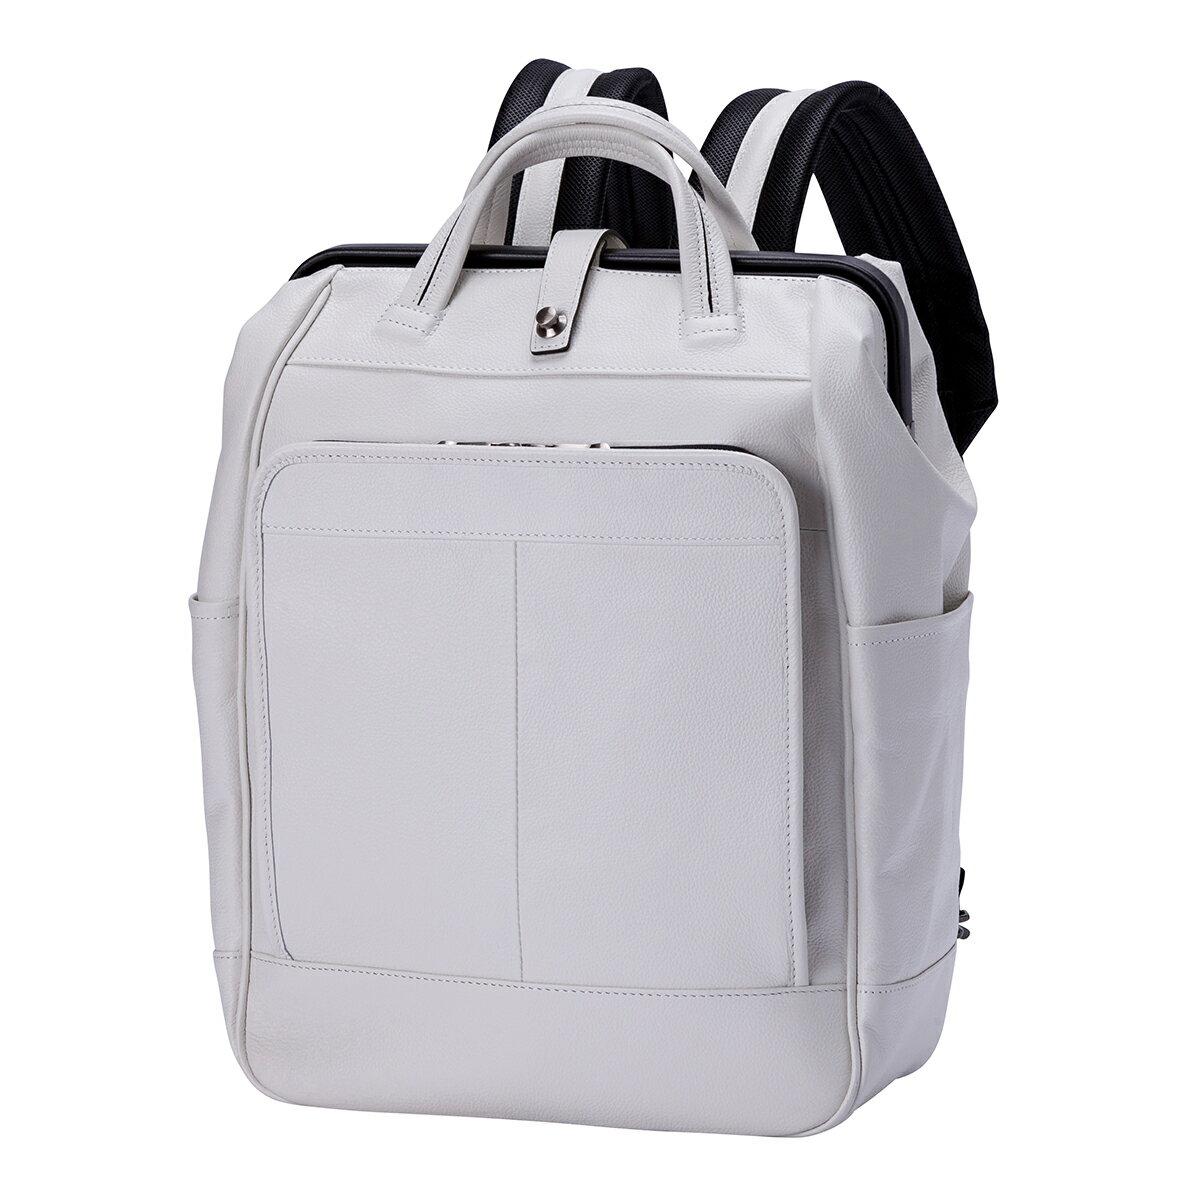 【公式】アートフィアー ARTPHERE リュックサック ビジネスリュック バックパック 本革 豊岡鞄 メンズ レディース がま口 ダレスバッグ  A4 大人 ランドセル 通勤 レザー 軽量 旅行 白/シロ/ホワイト